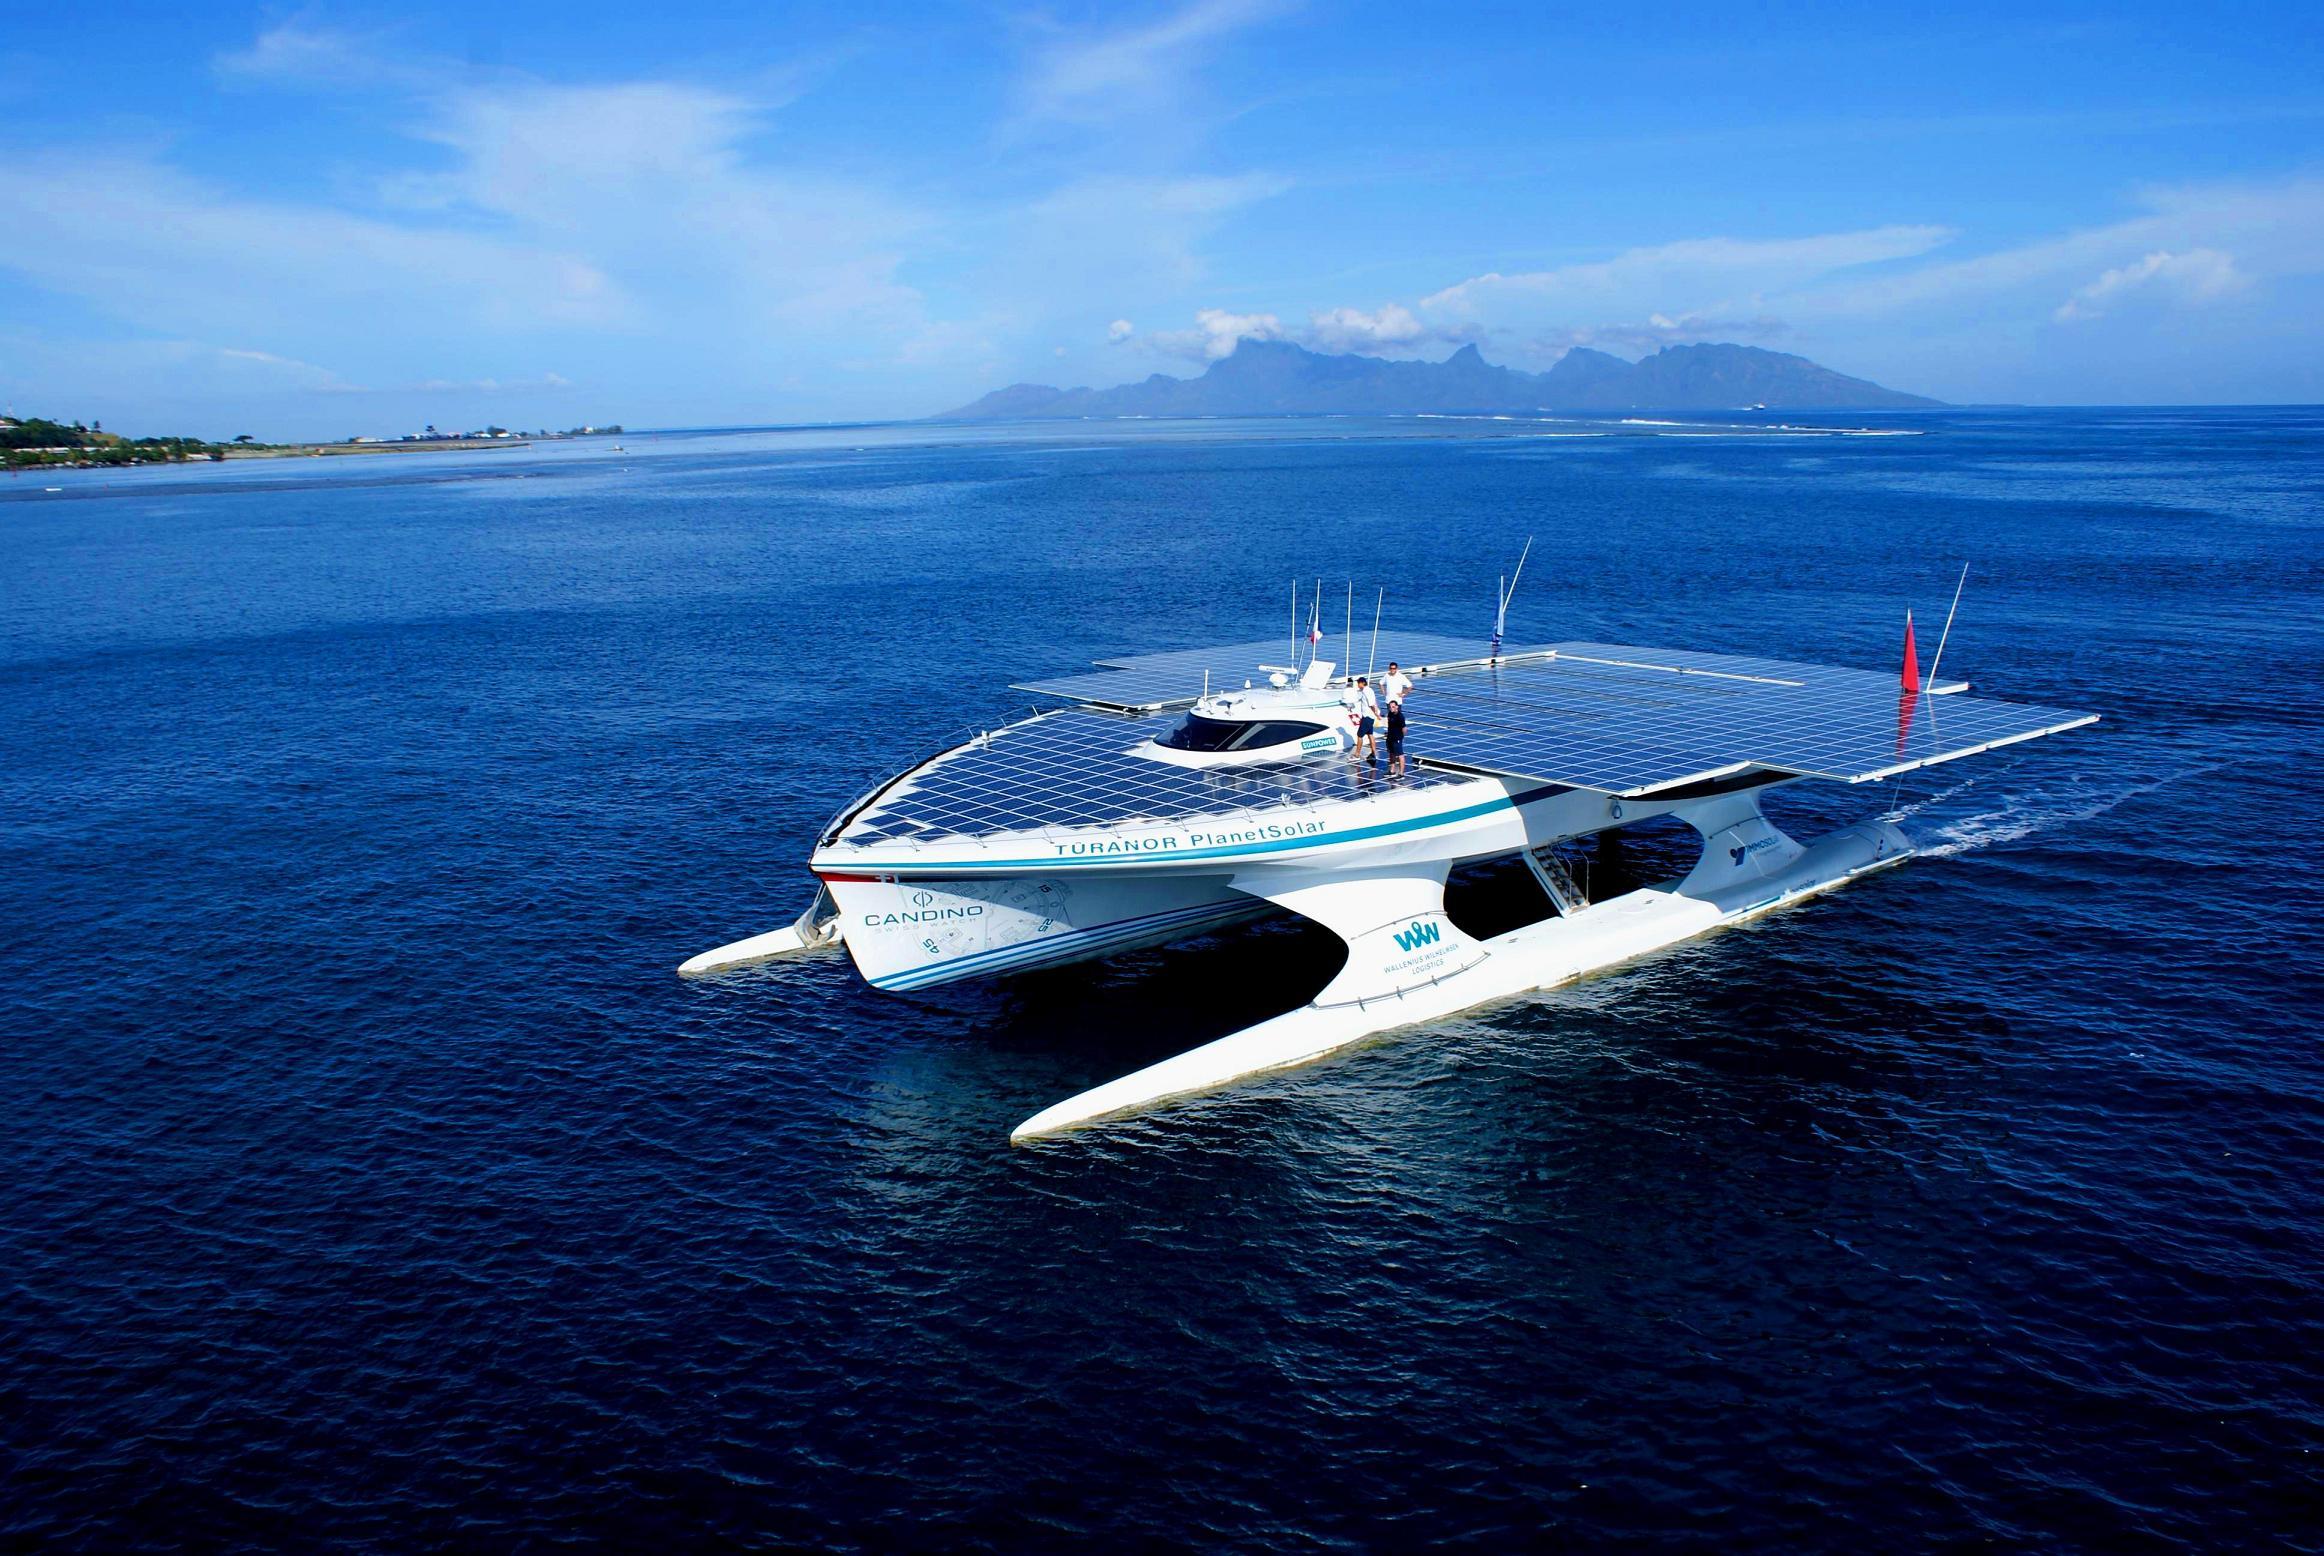 Schemi Elettrici Navi : Top 5 delle barche più singolari! filovent italia noleggio barche